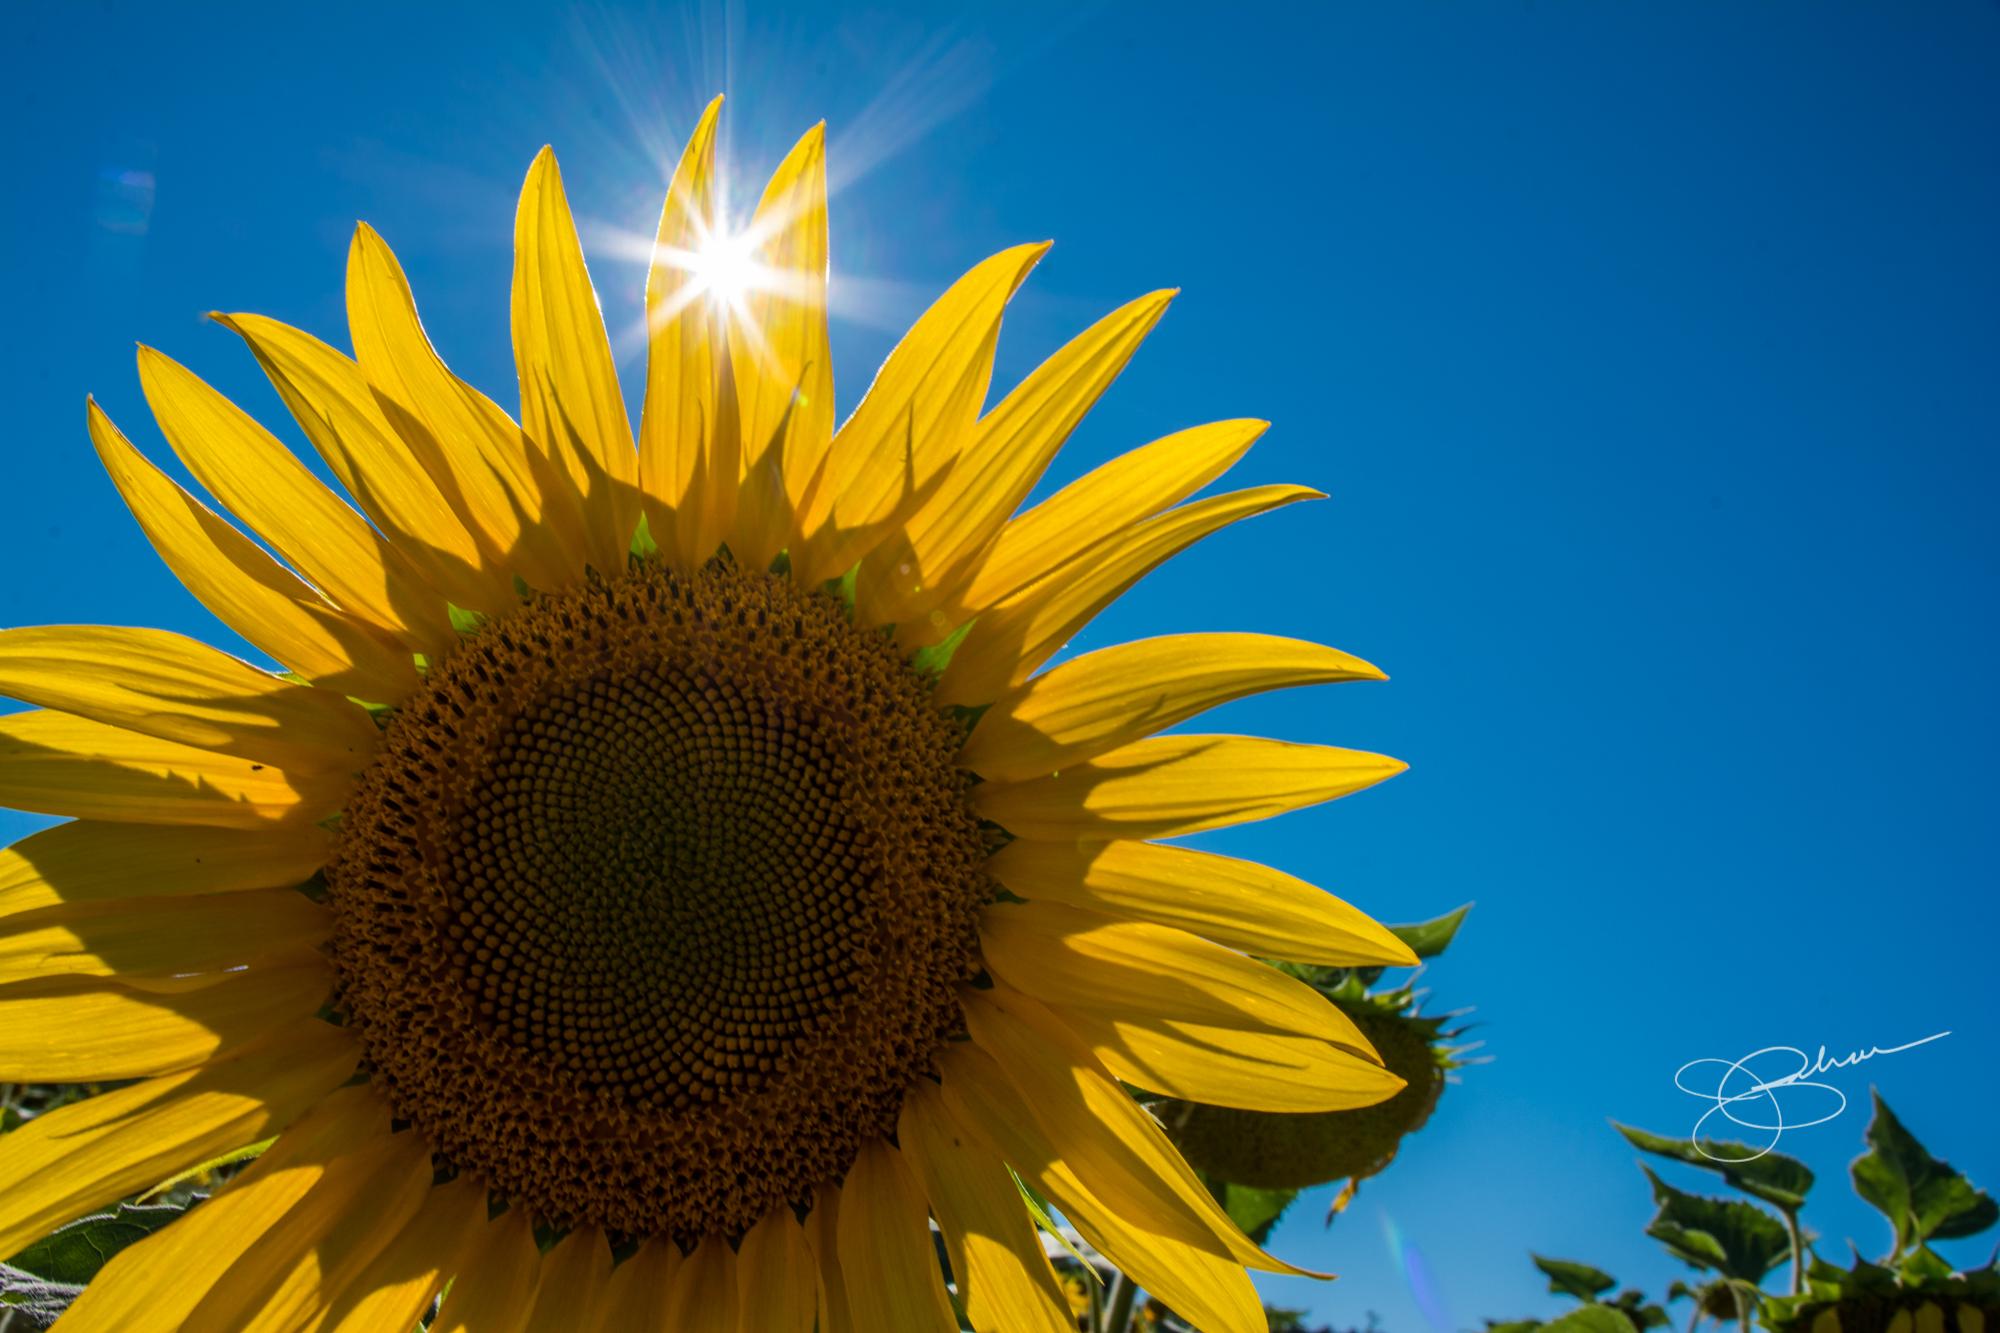 Sunned Flower